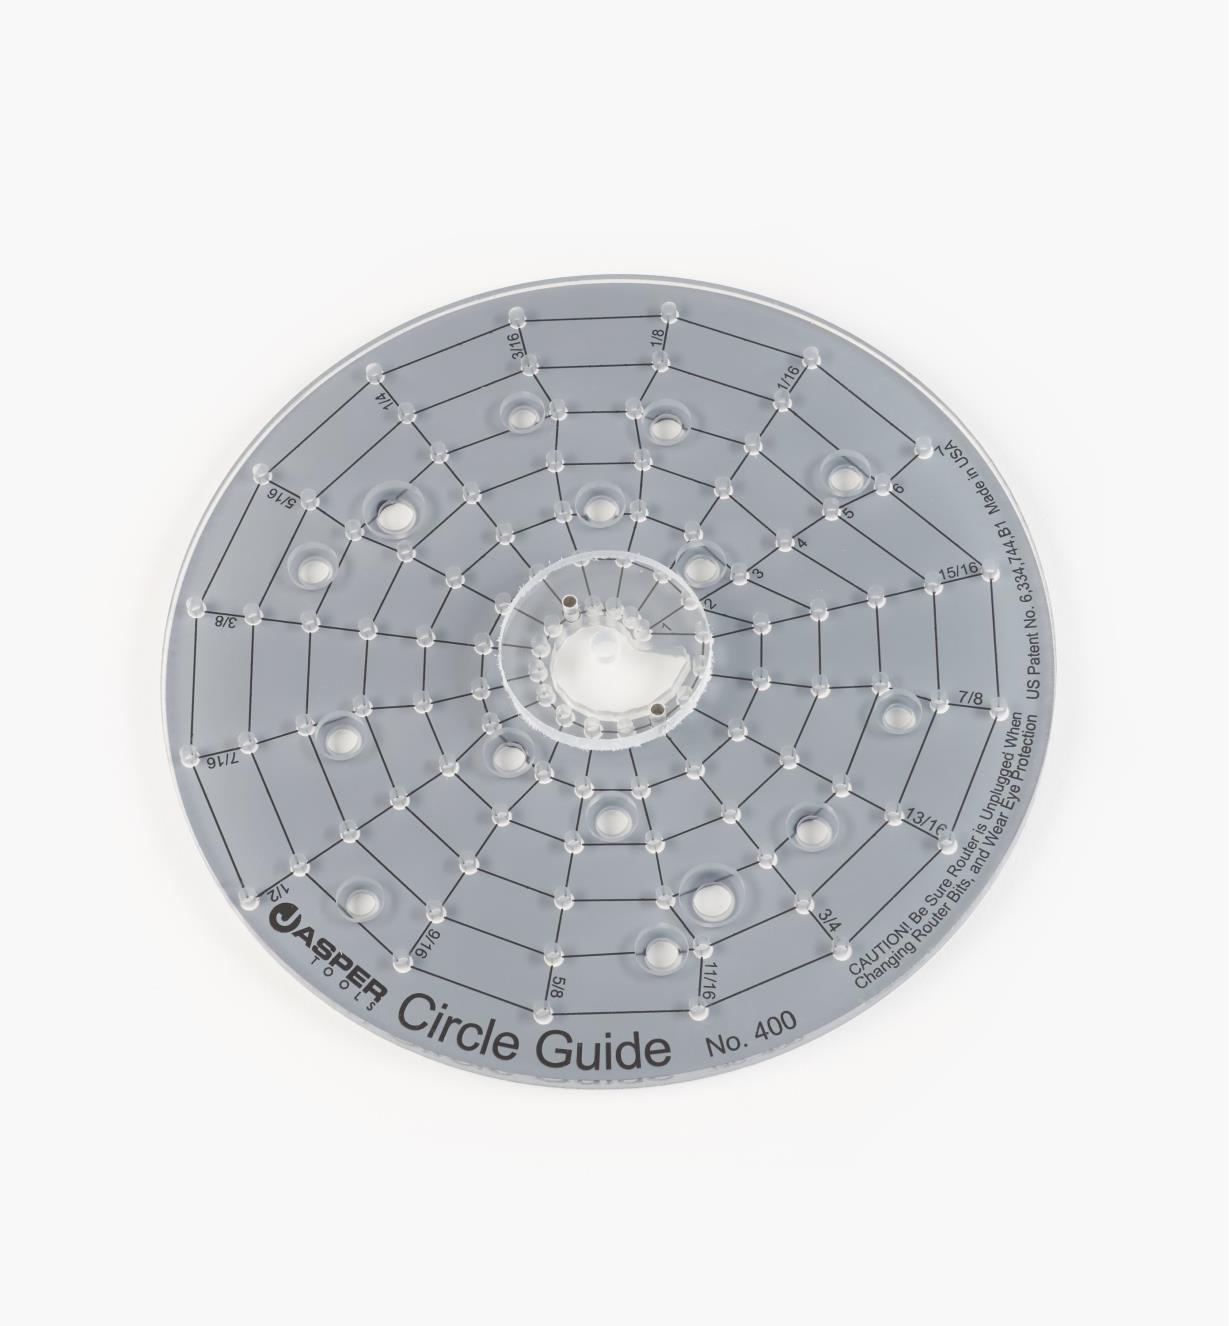 46J9103 - Guide de coupe circulaire de précision